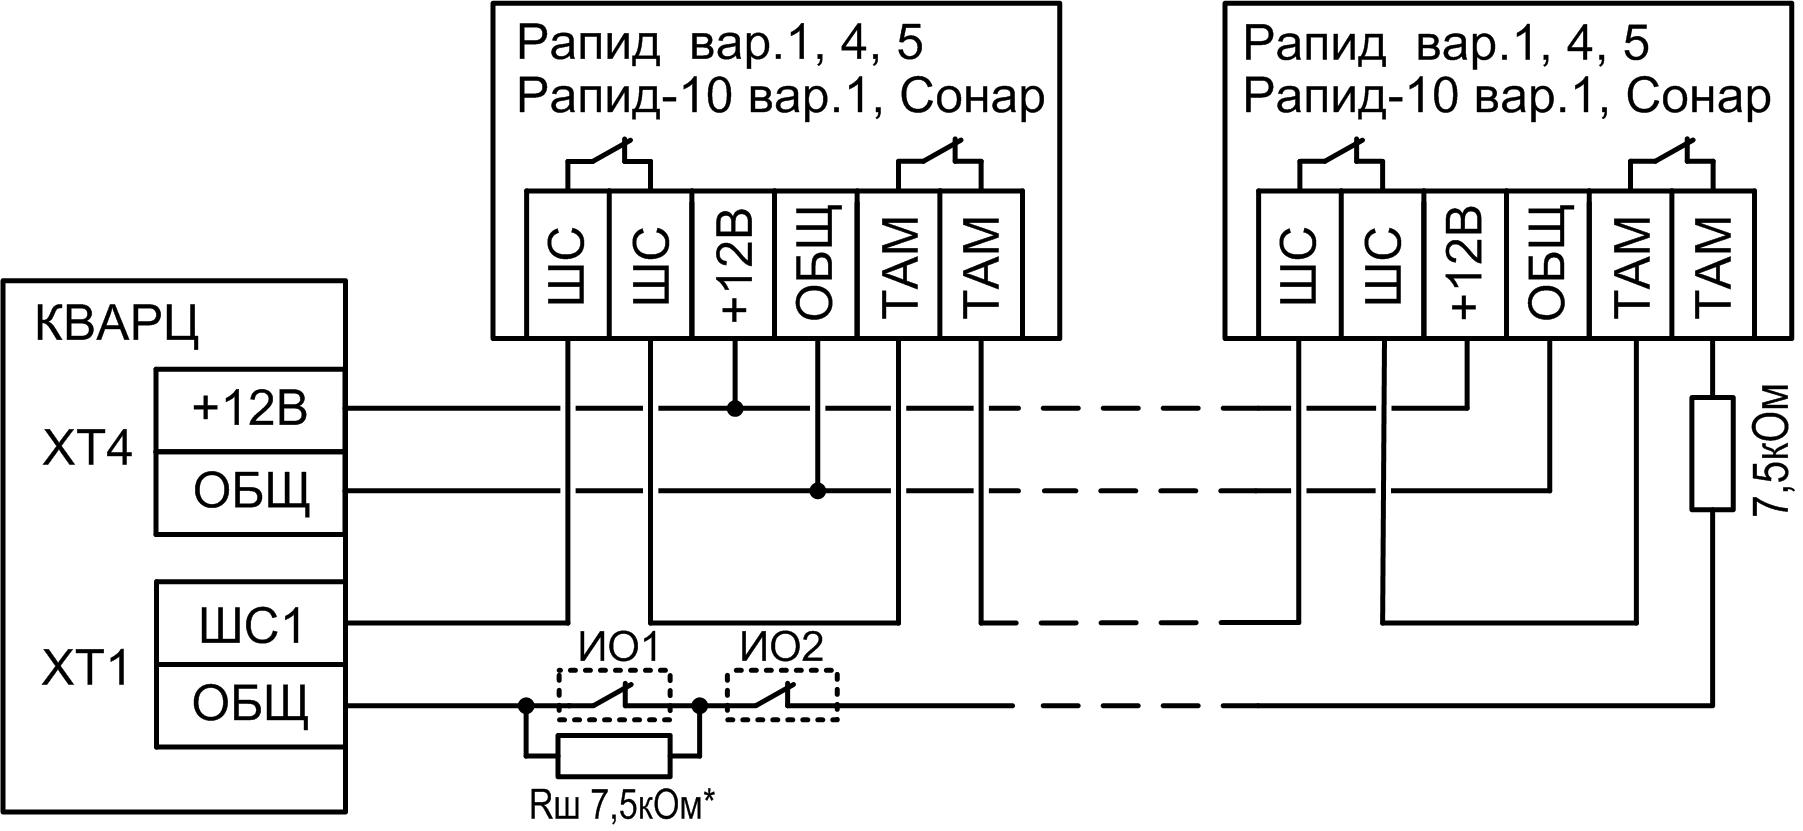 Схема пожарной сигнализации кварц фото 978